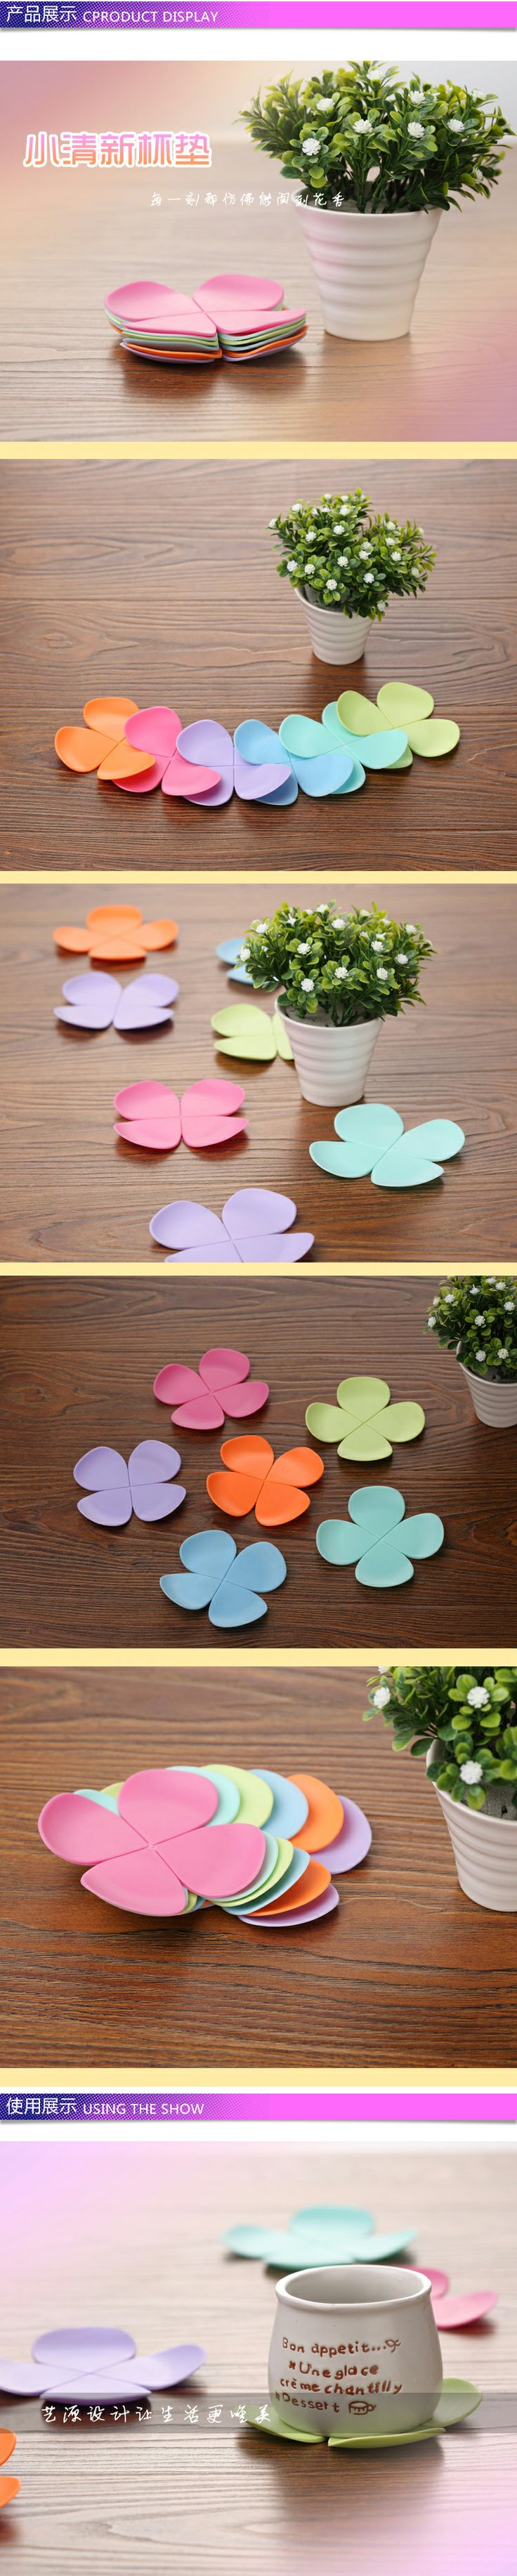 四金冠 創意立體花朵形防燙矽膠杯墊咖啡墊 戊-淘寶網